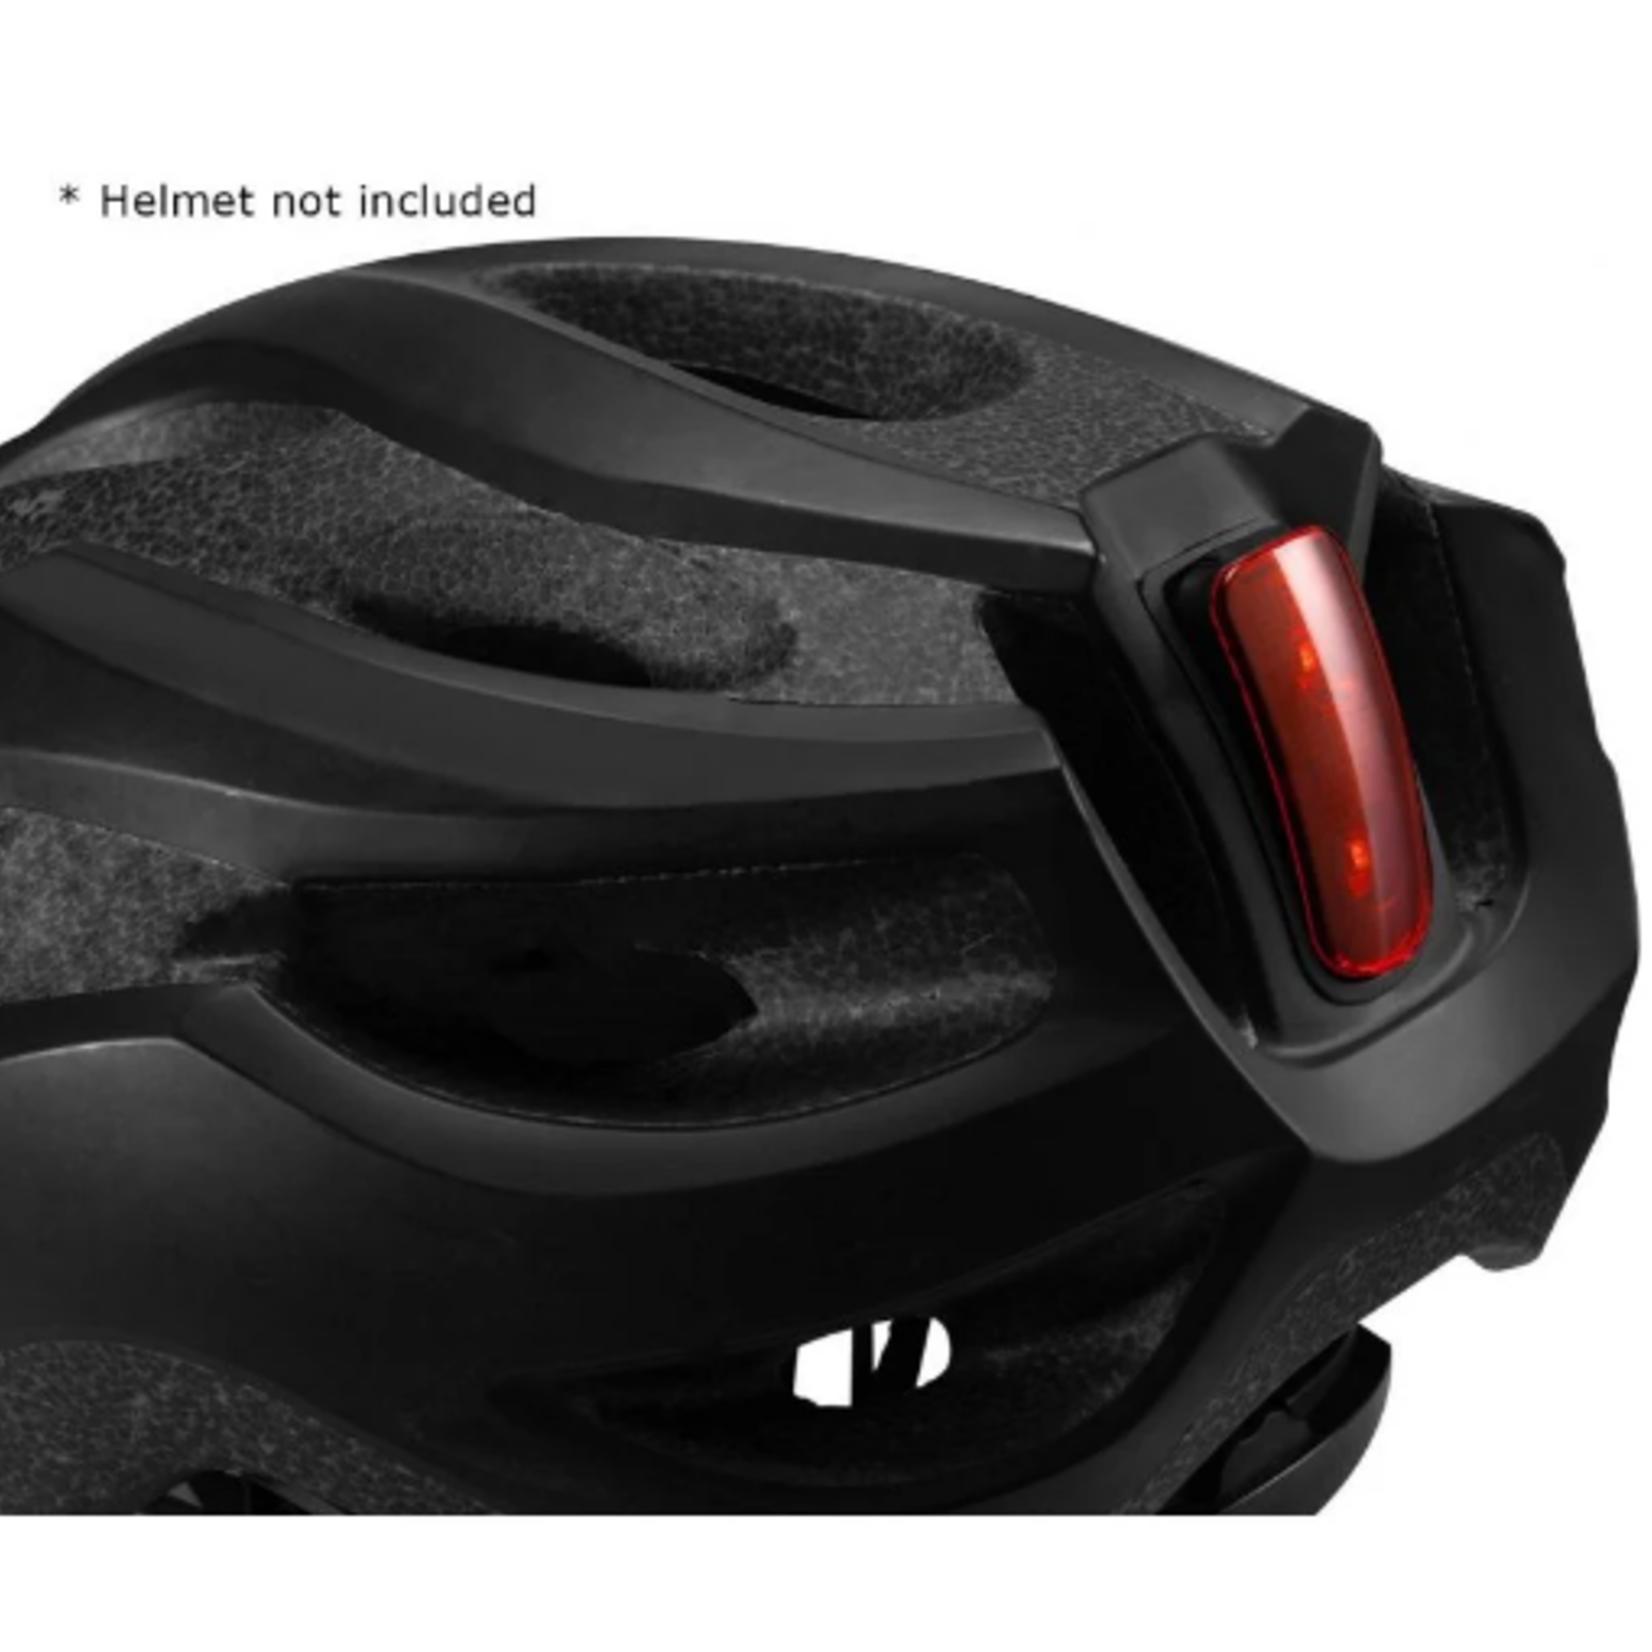 GIANT Giant Alumbra Helmet Rear Light